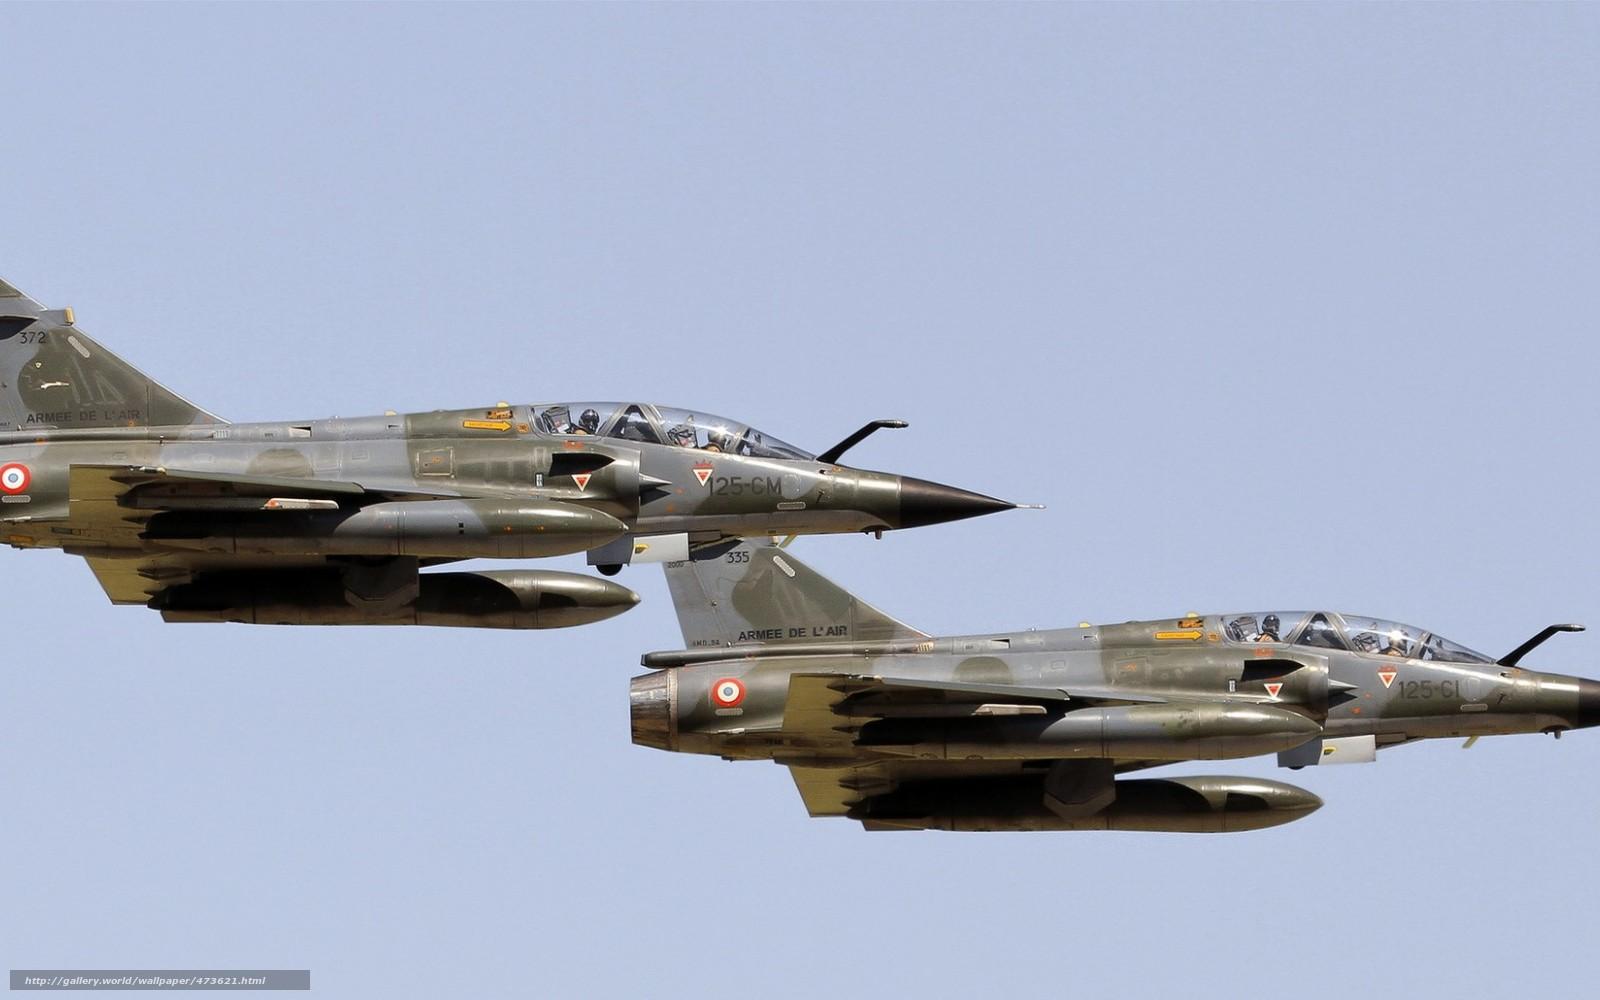 Скачать обои самолёты,  авиация,  оружие бесплатно для рабочего стола в разрешении 1680x1050 — картинка №473621